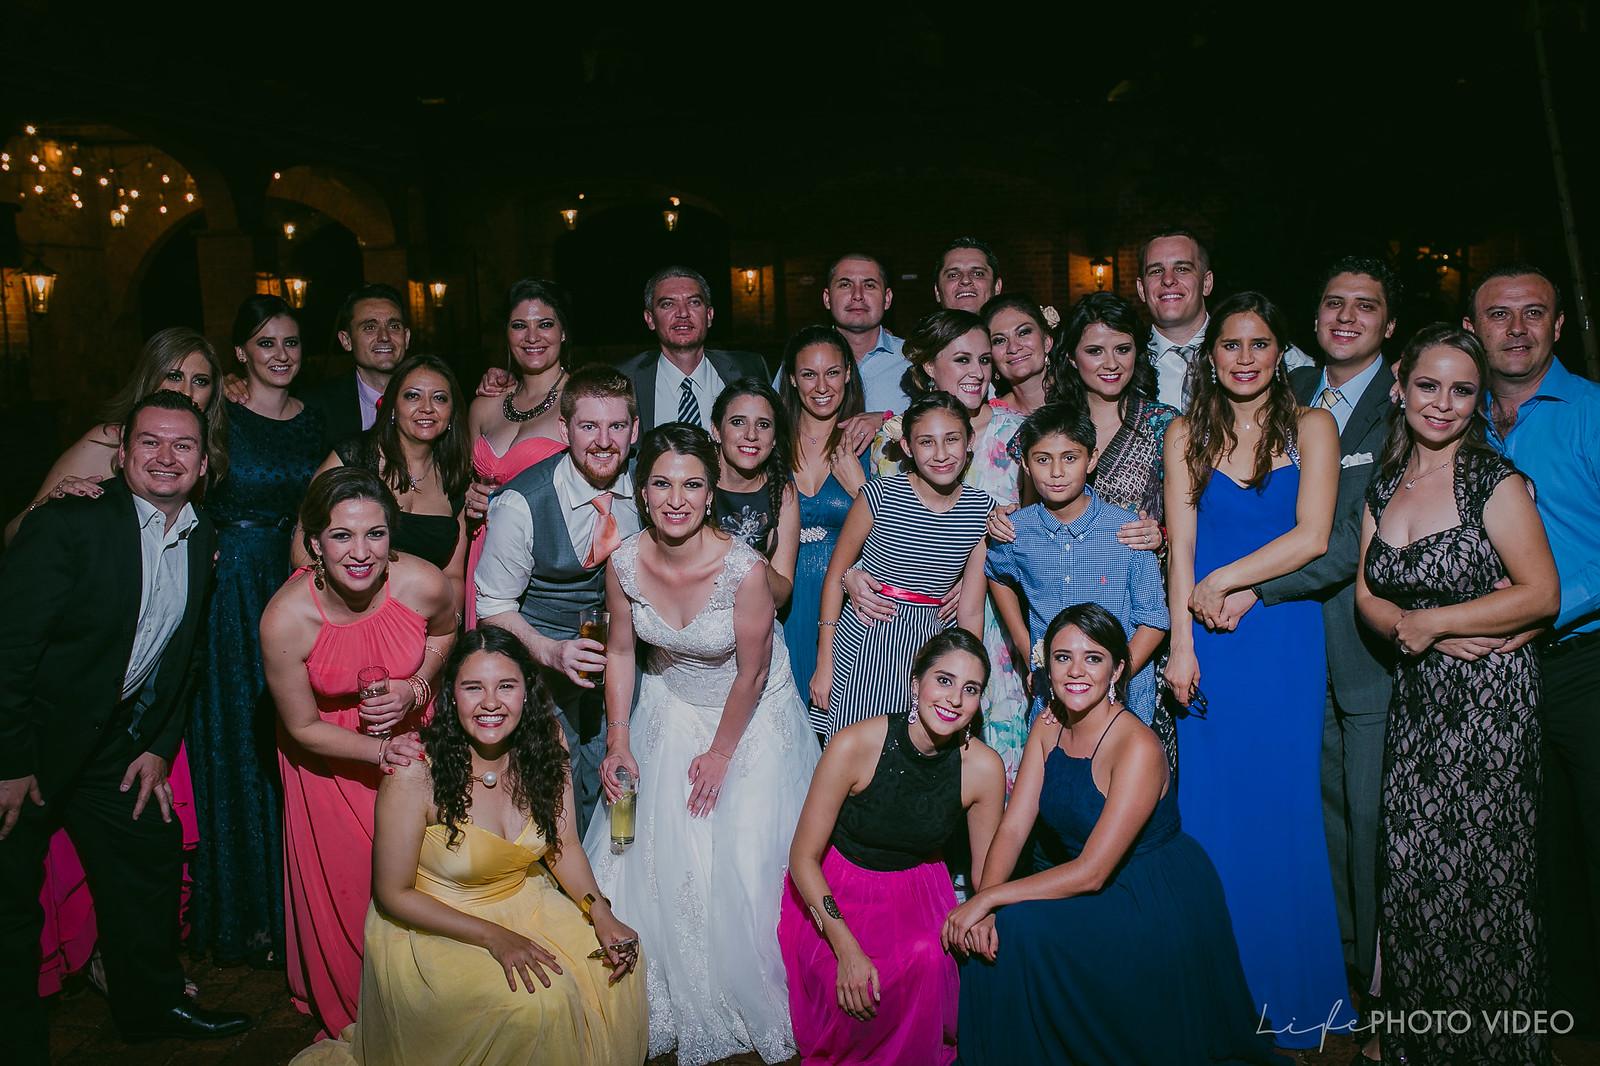 LifePhotoVideo_Boda_LeonGto_Wedding_0002.jpg